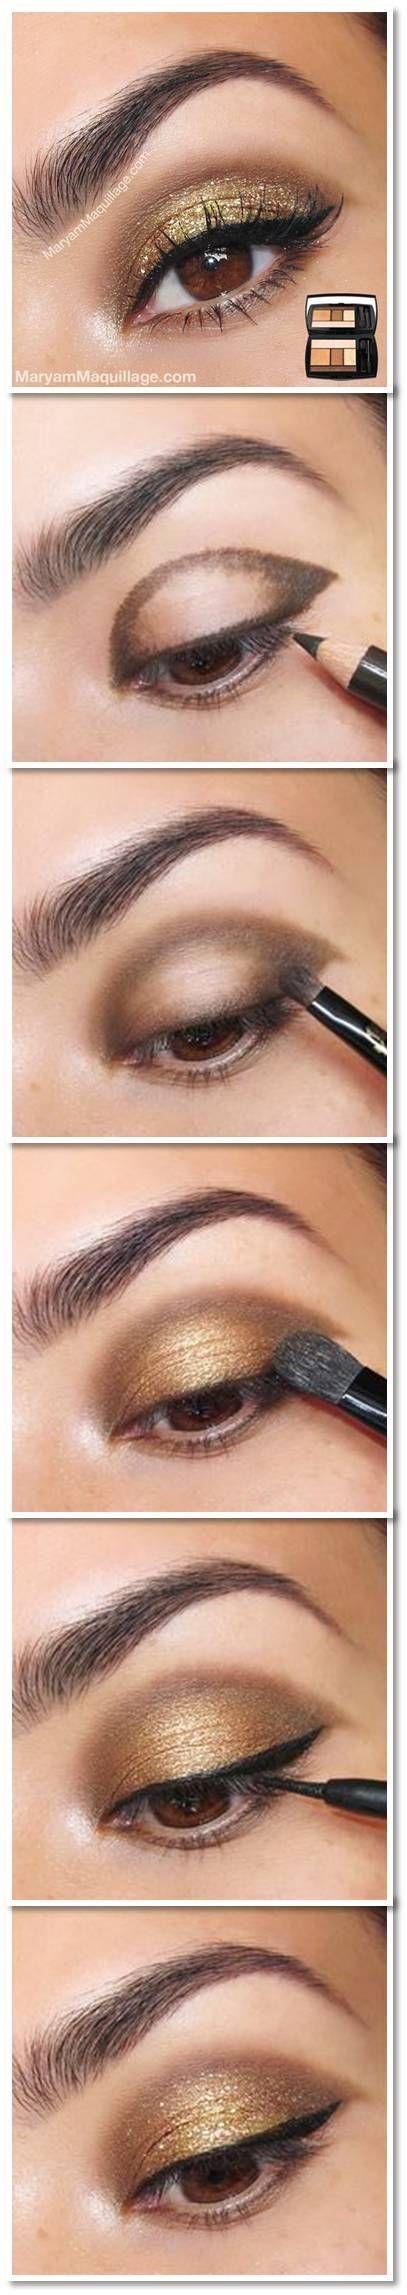 Maquiagem olhos sombra dourada